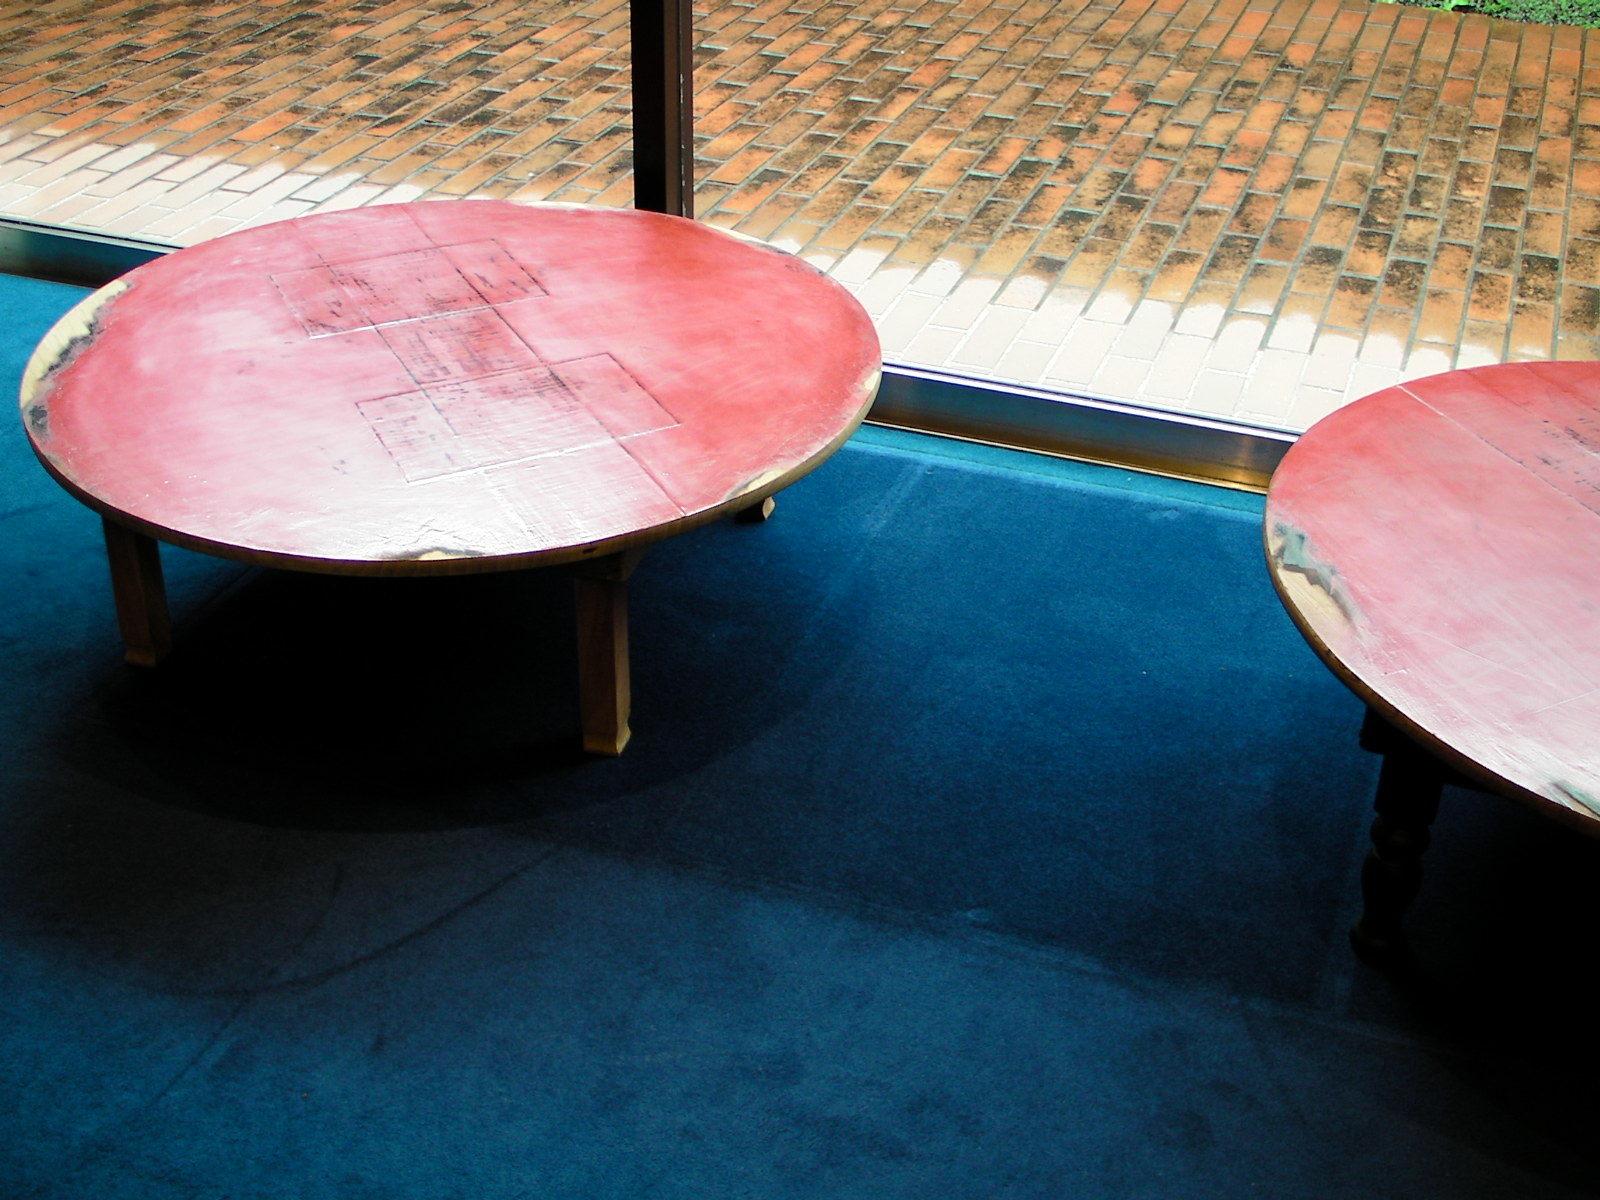 建築家の長坂常による作品。アンティークのちゃぶ台を、あえて素材感や制作過程が読みとれる状態で会津塗りを施した。ロイヤルブルーの絨毯が印象的な「カラー」の店内に展示。 [map:25] @kolor